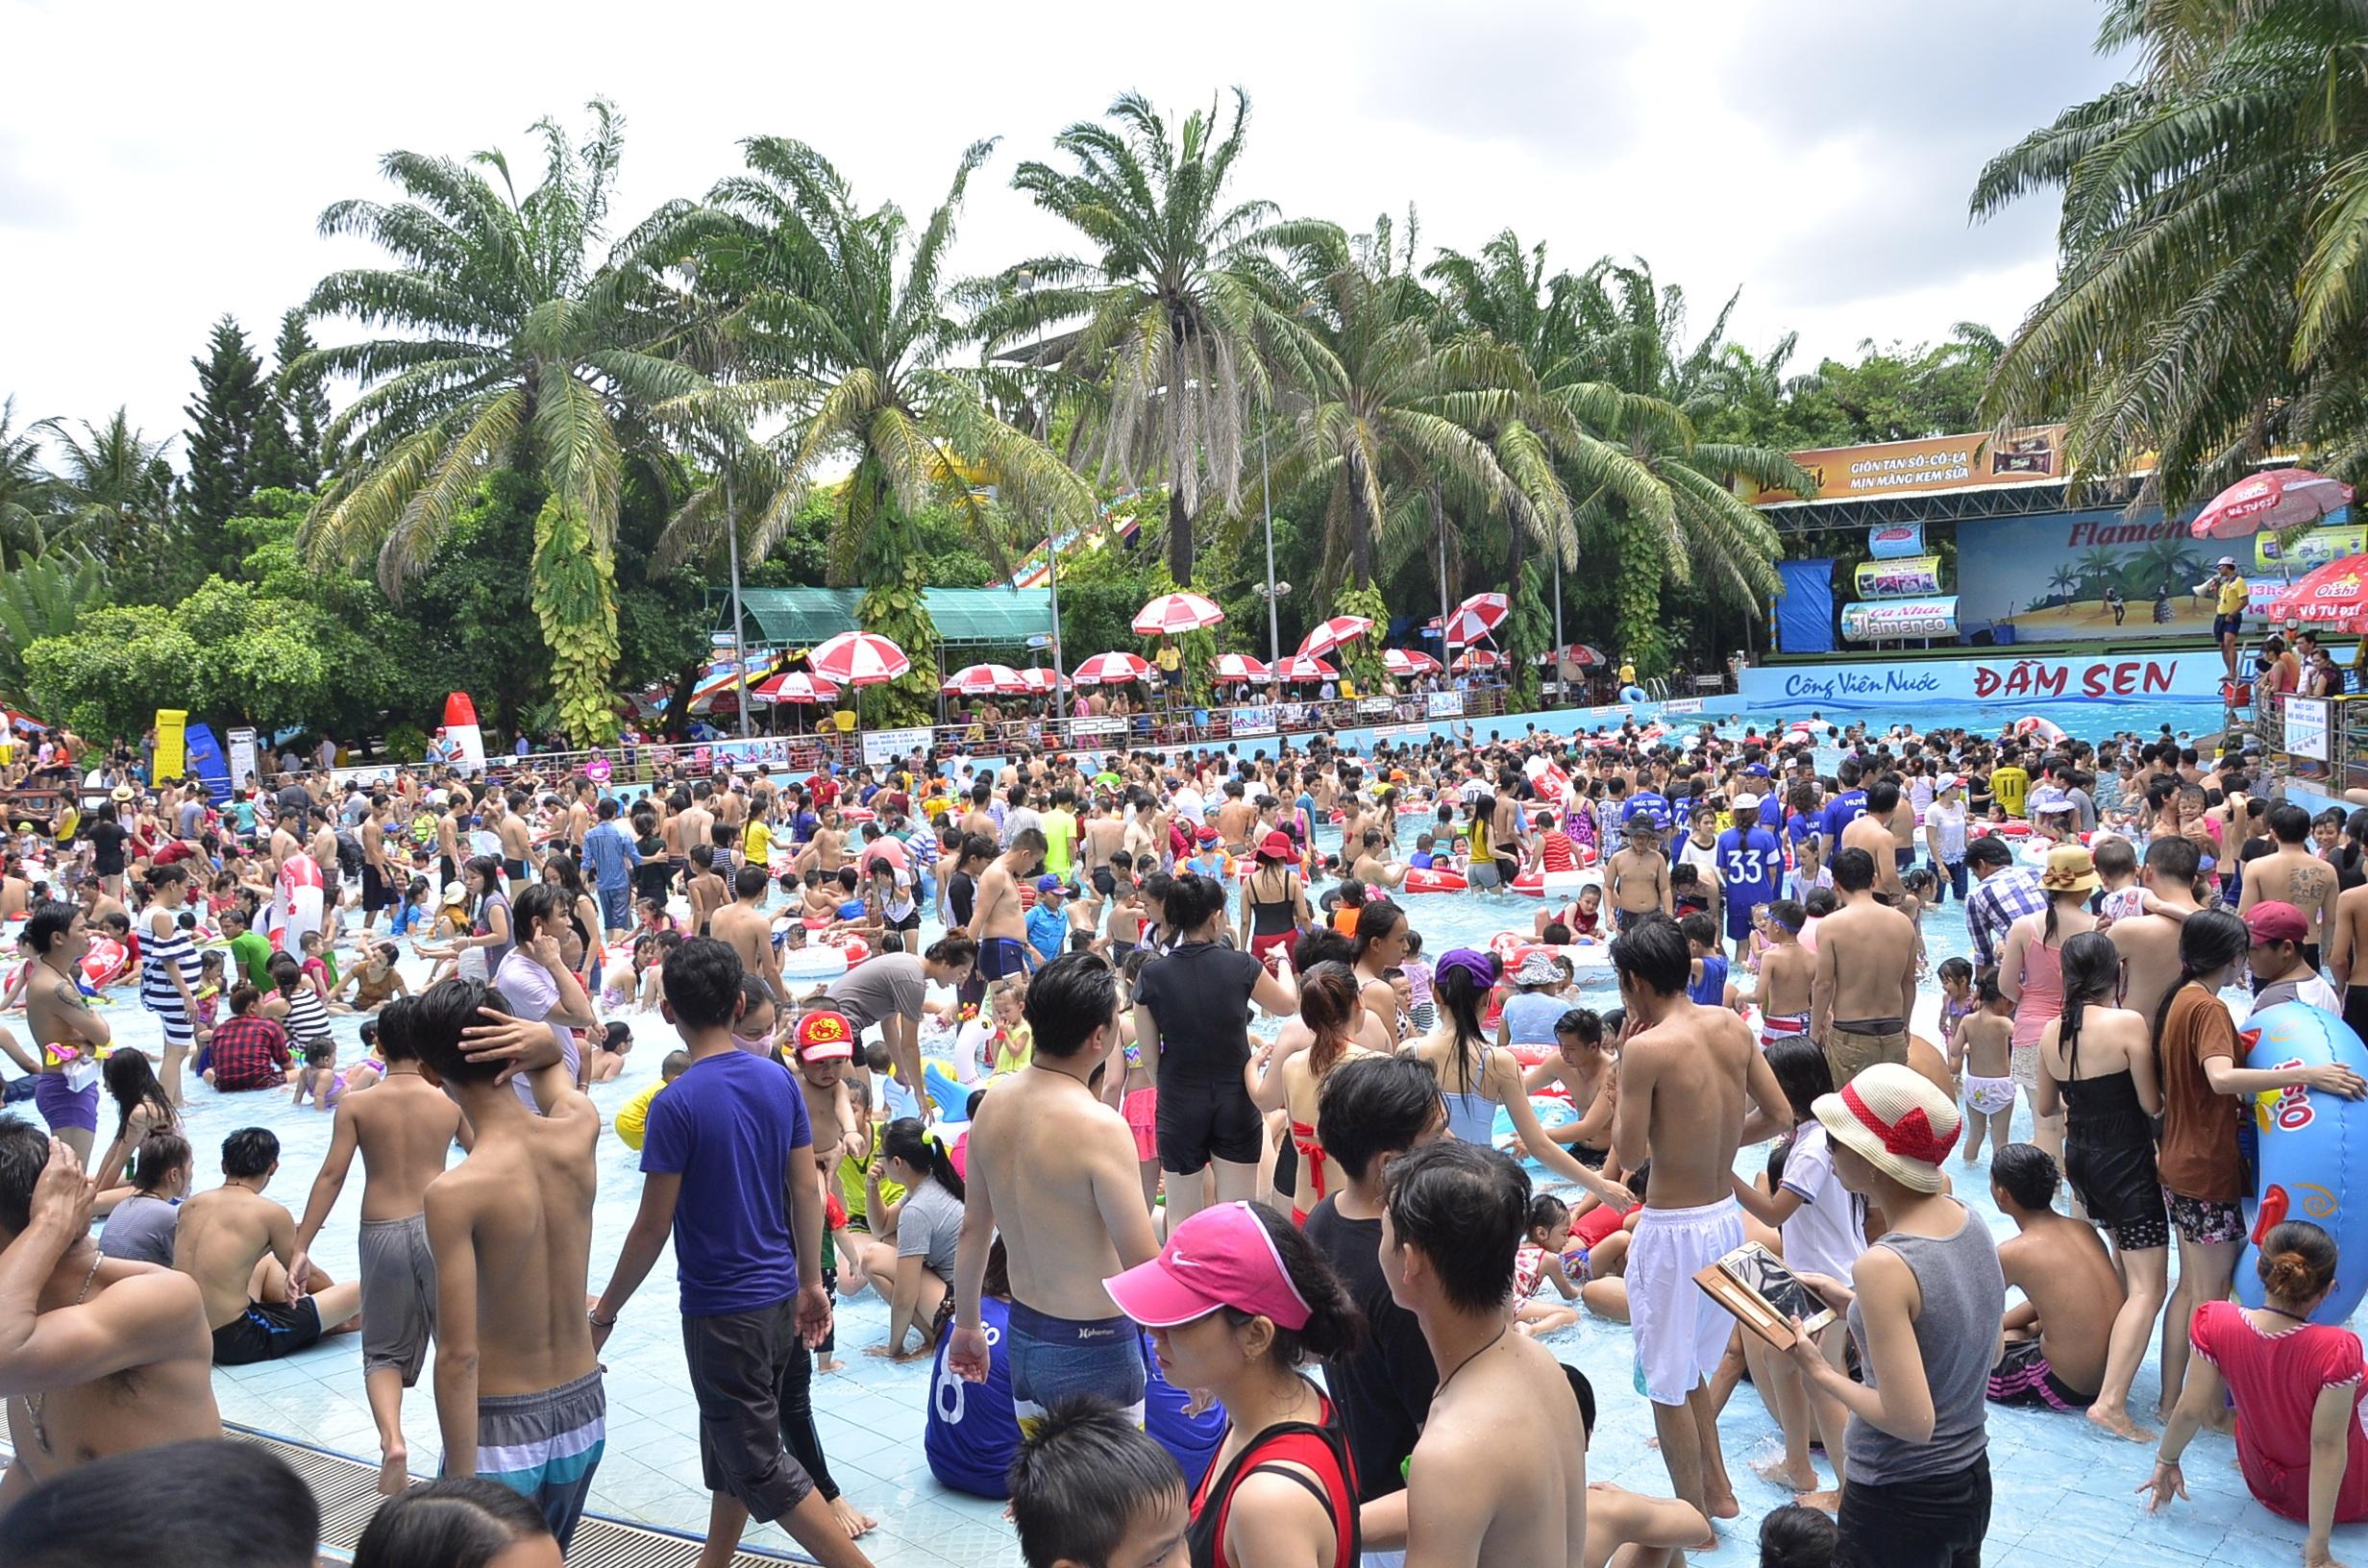 Các điểm vui chơi ở Sài Gòn đều đông nghẹt người trong dịp nghỉ lễ (Ảnh: Đình Thảo)